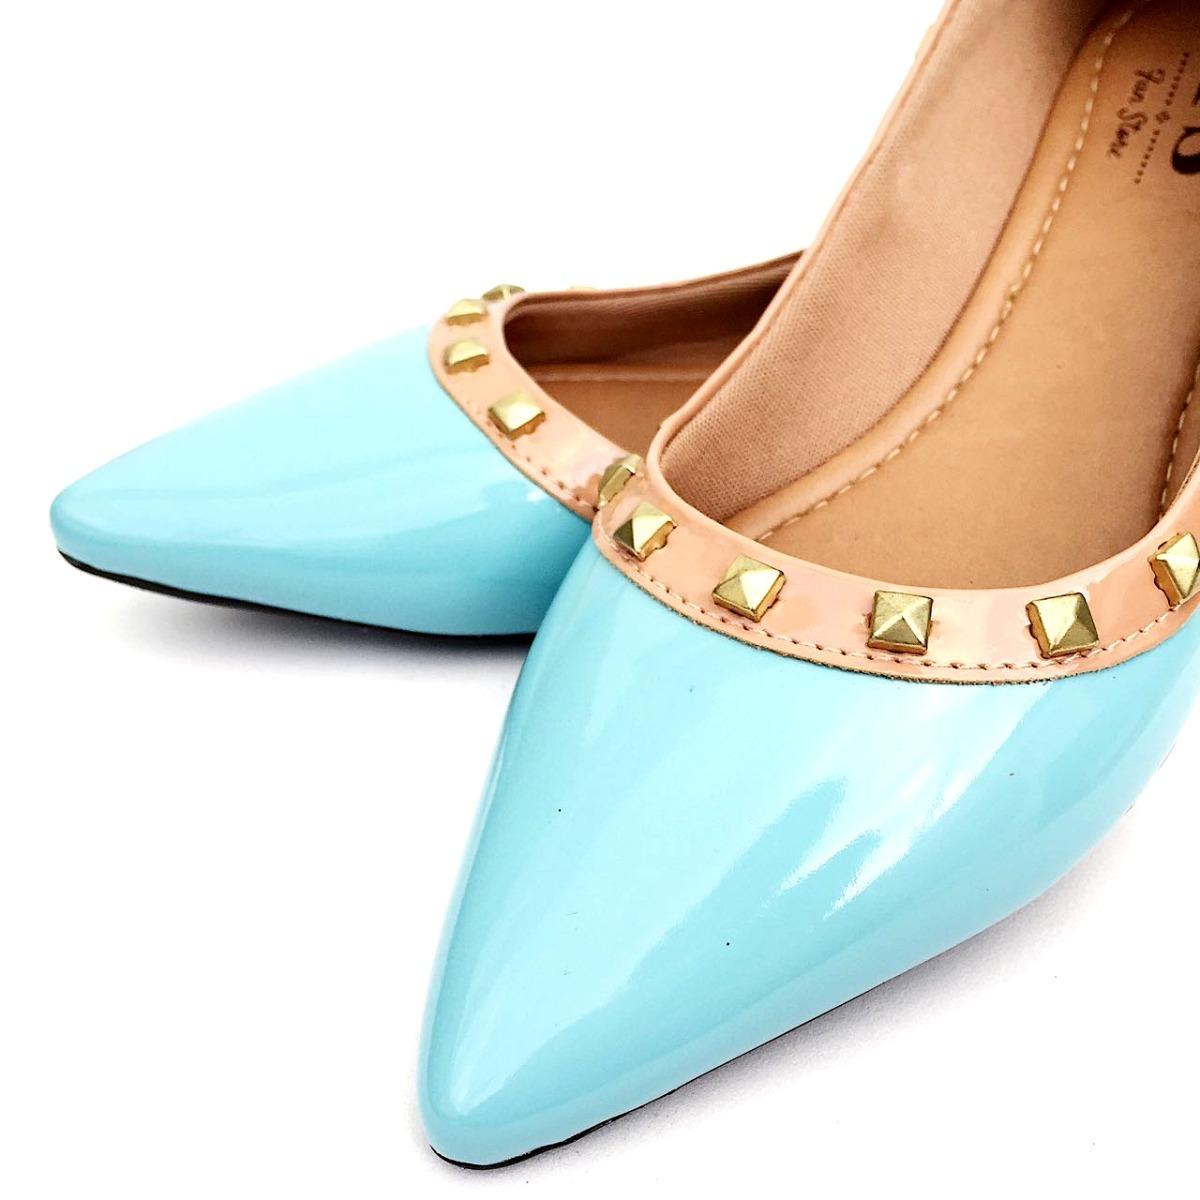 d825b11de0b sapatilha bico fino azul tiffany verniz spikes promoção. Carregando zoom.